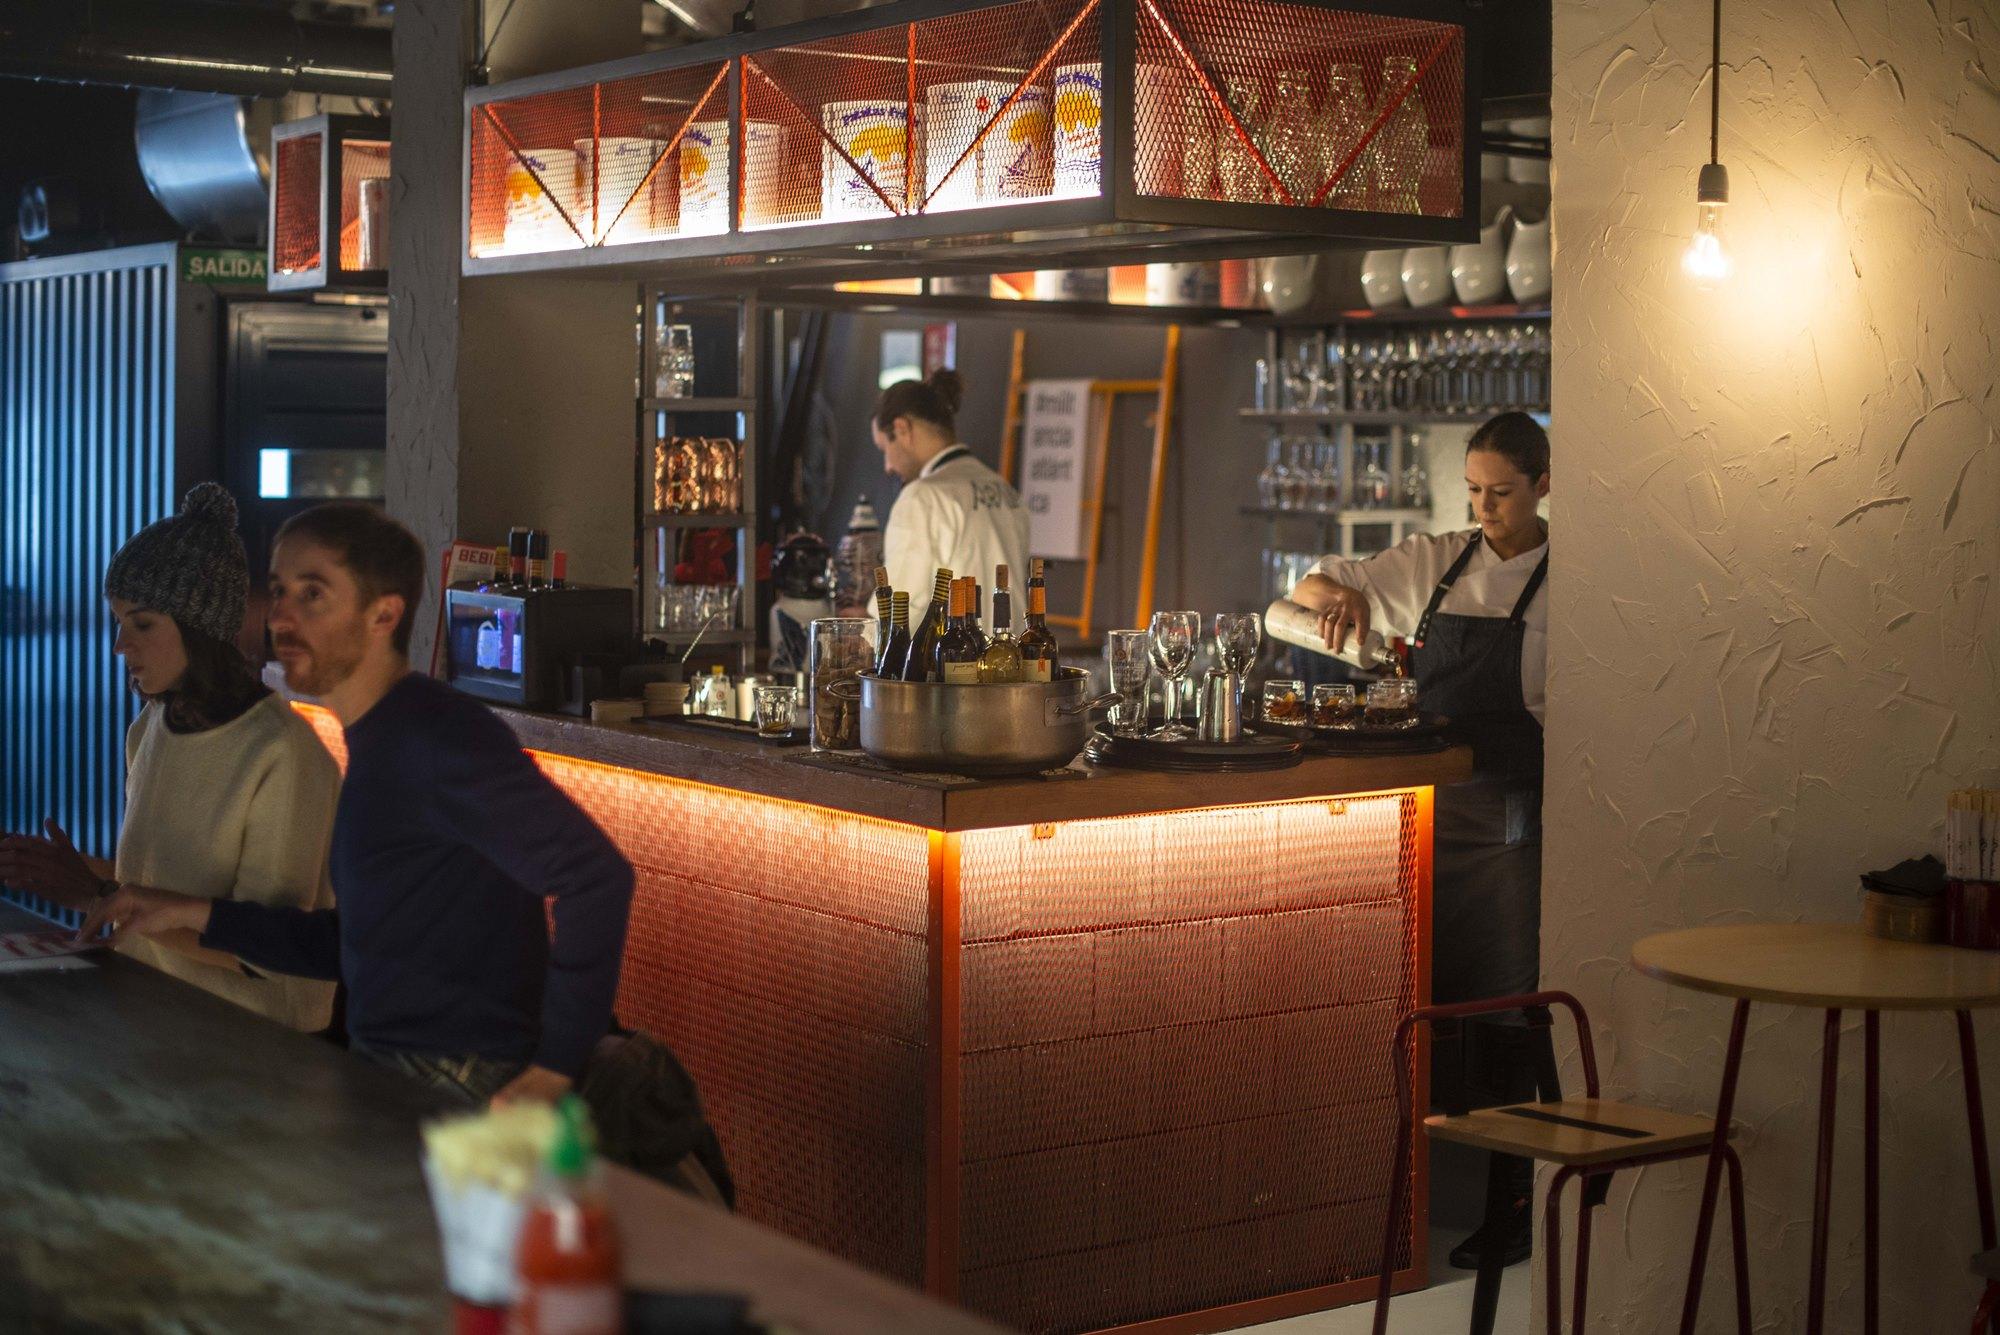 Aparte del espacio dedicado a la comida, los cócteles se preparan en una pequeña barra en una esquina de la sala.